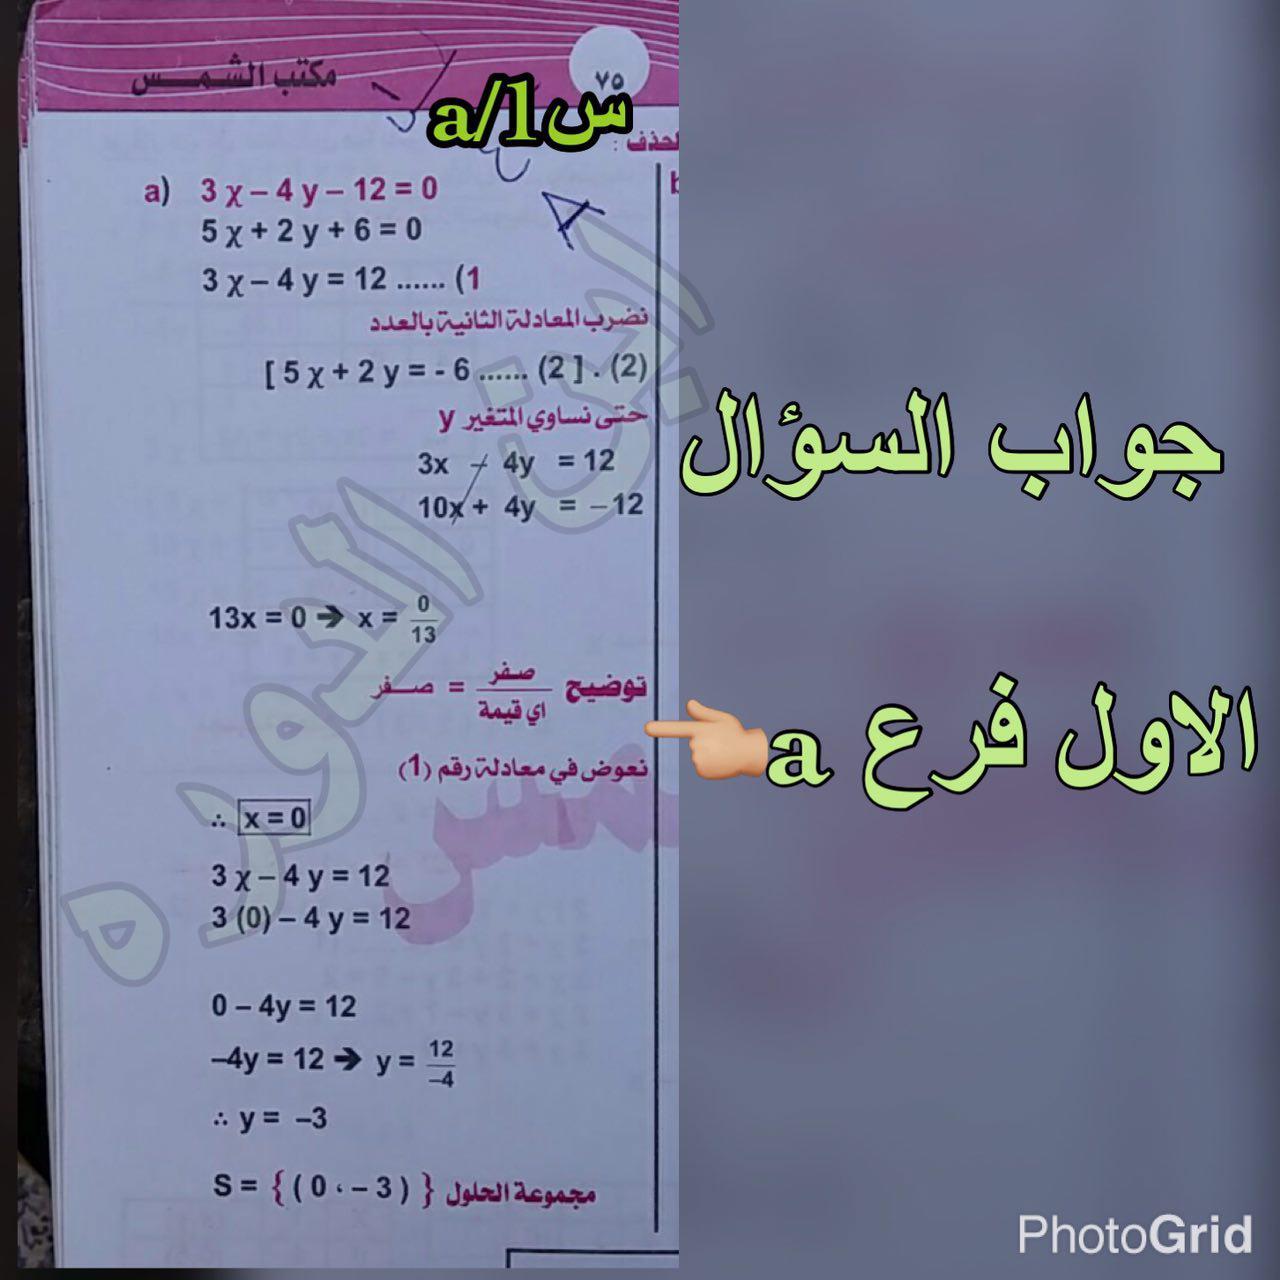 مهم اجوبة امتحان الرياضيات التمهيدي للثالث المتوسط 2017 Photo_2017-02-06_11-44-33